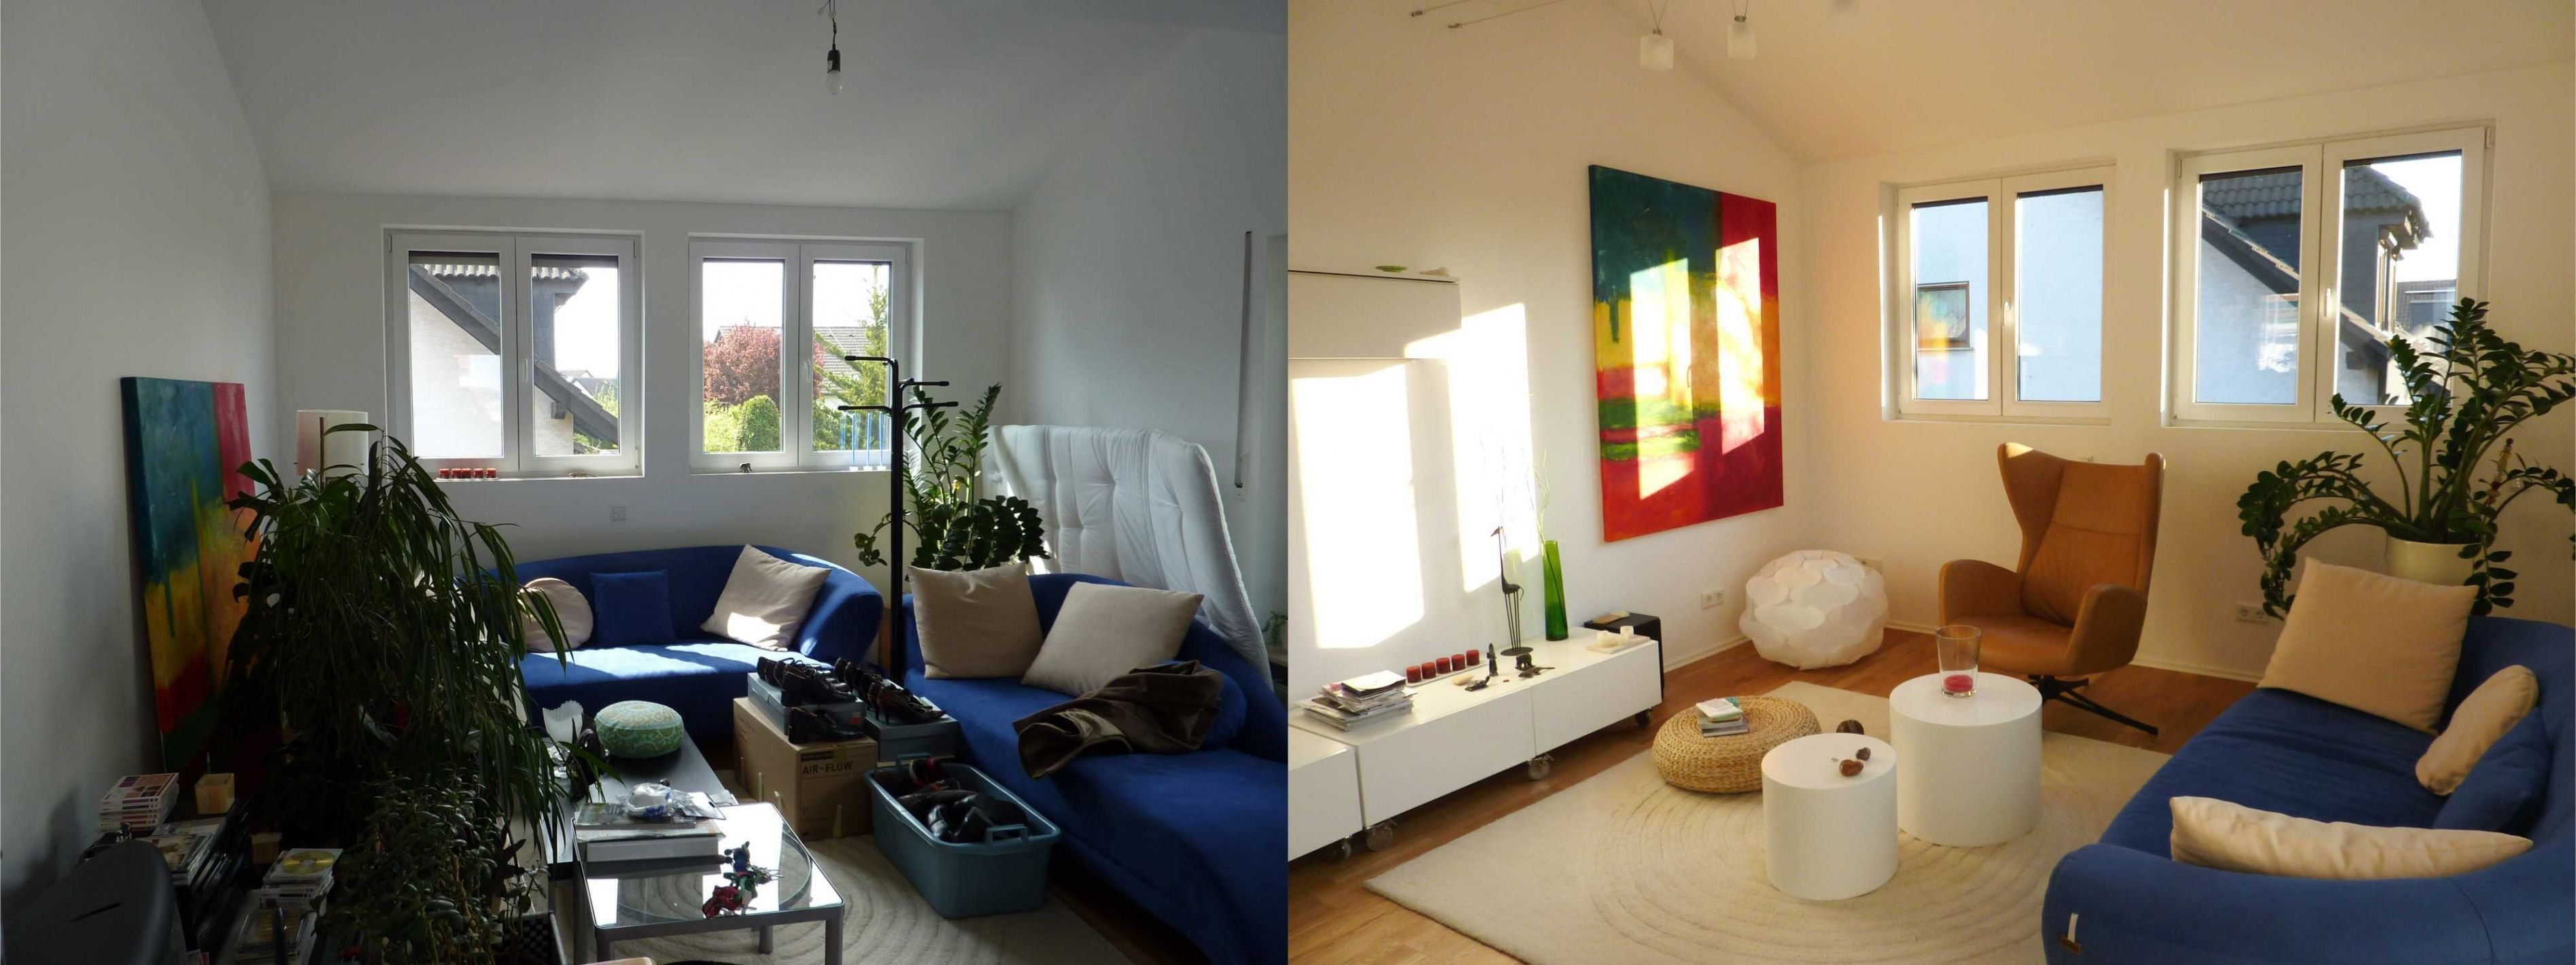 Ehrfürchtig Wohnzimmer Neu Gestalten Vorher Nachher